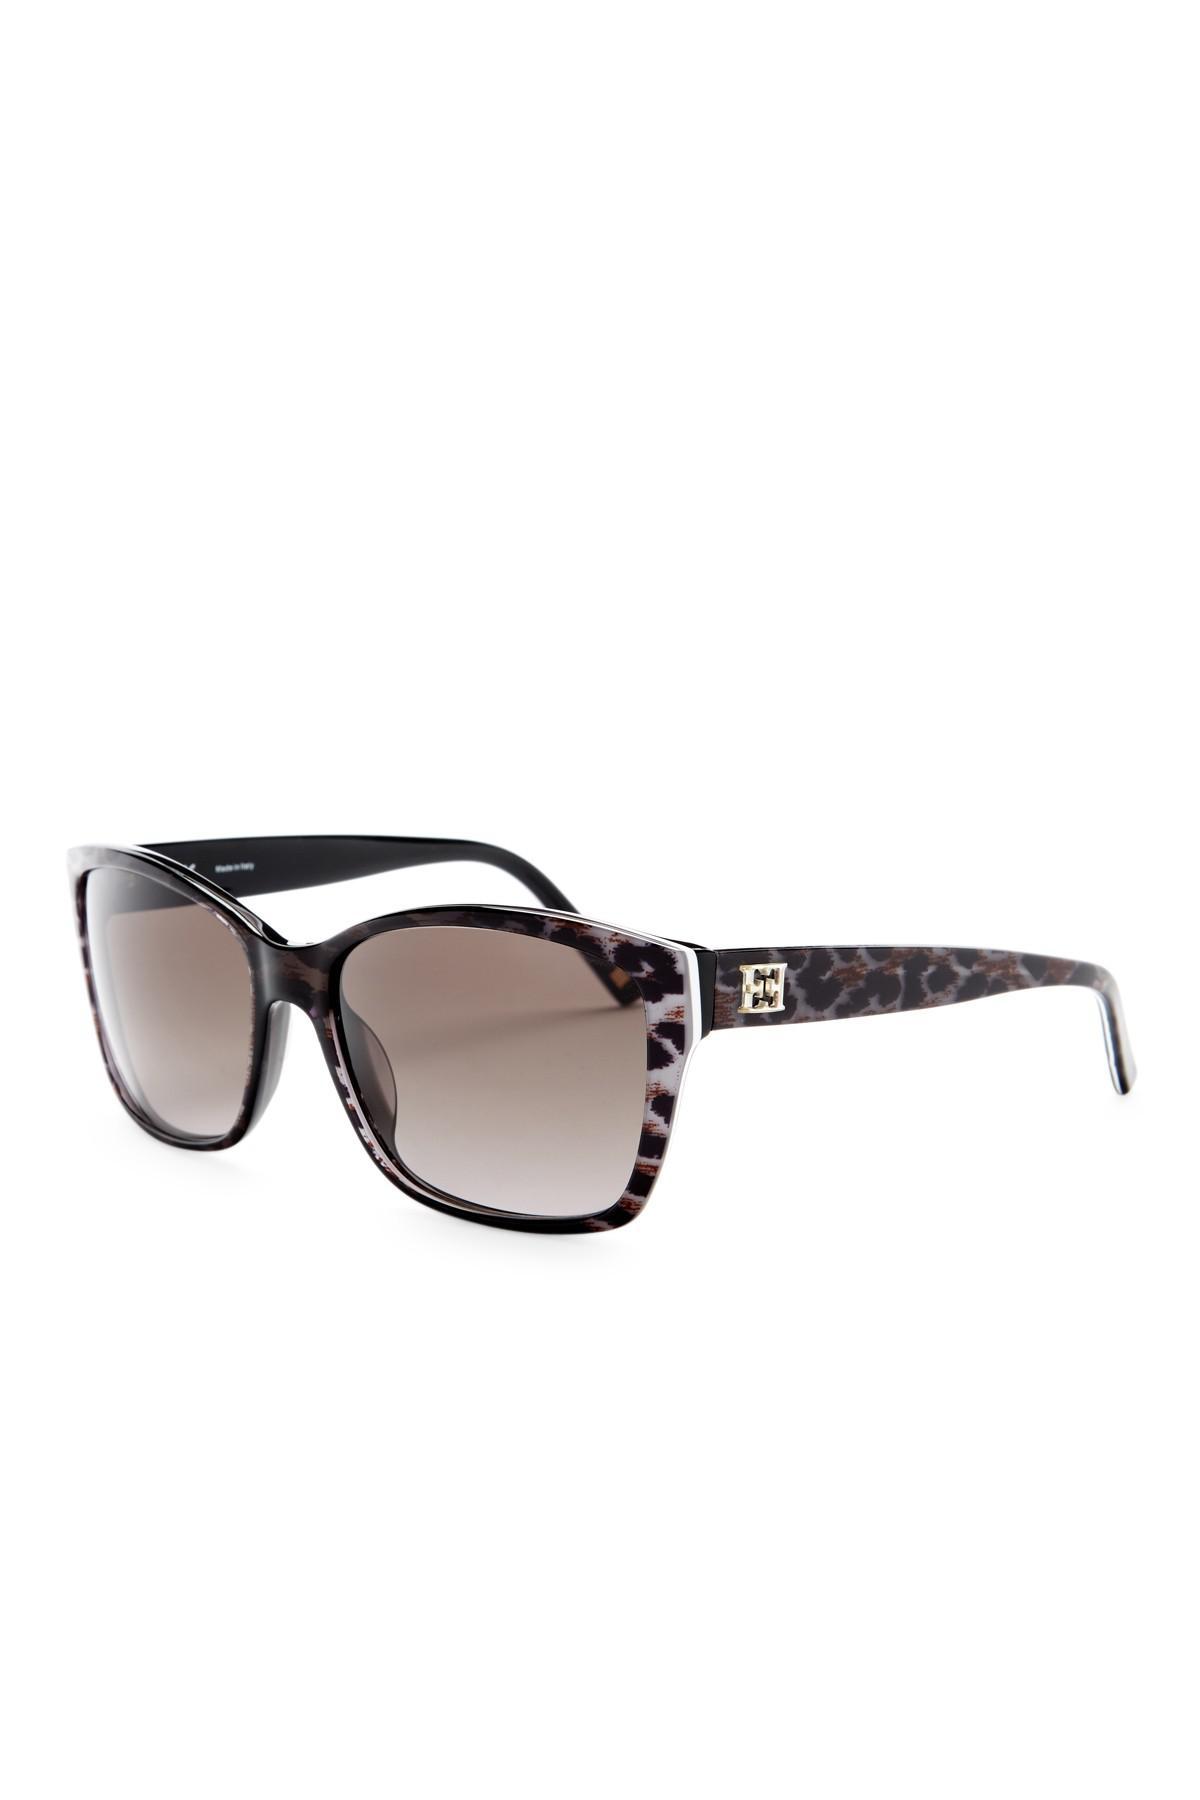 0a23704e8a Lyst - ESCADA Women s Oversized Sunglasses in Brown